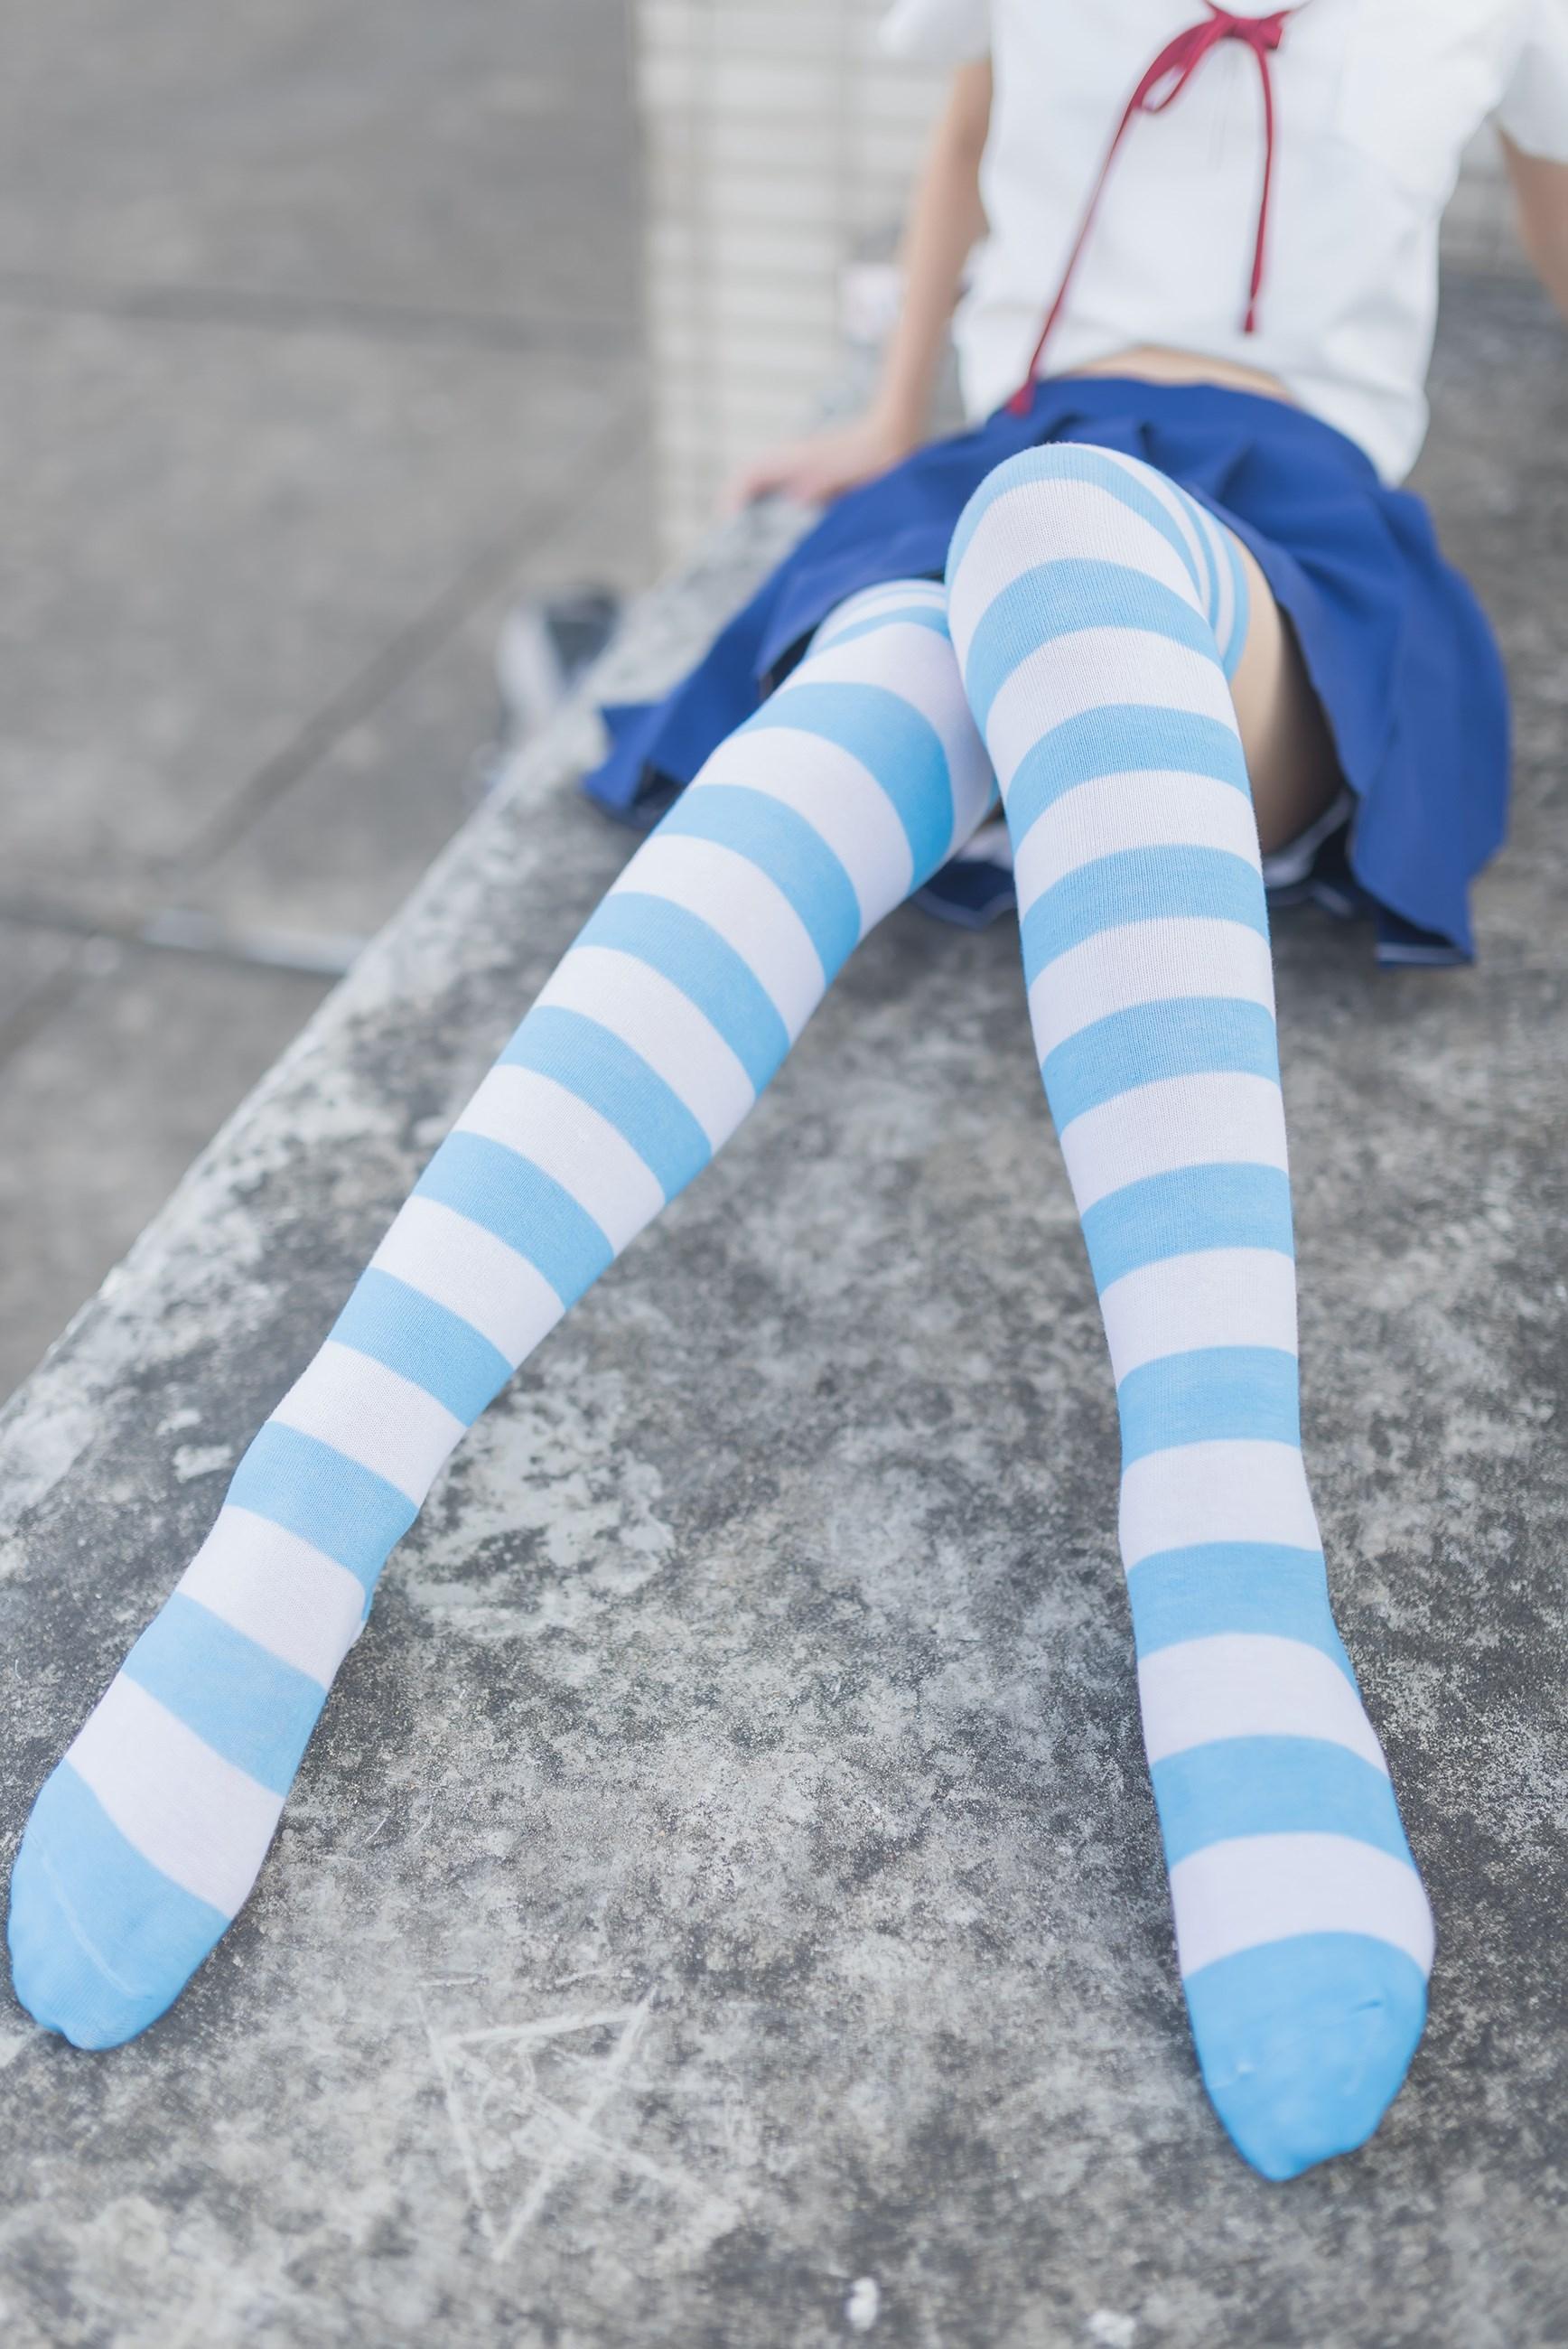 【兔玩映画】蓝白条纹的小细腿 兔玩映画 第45张